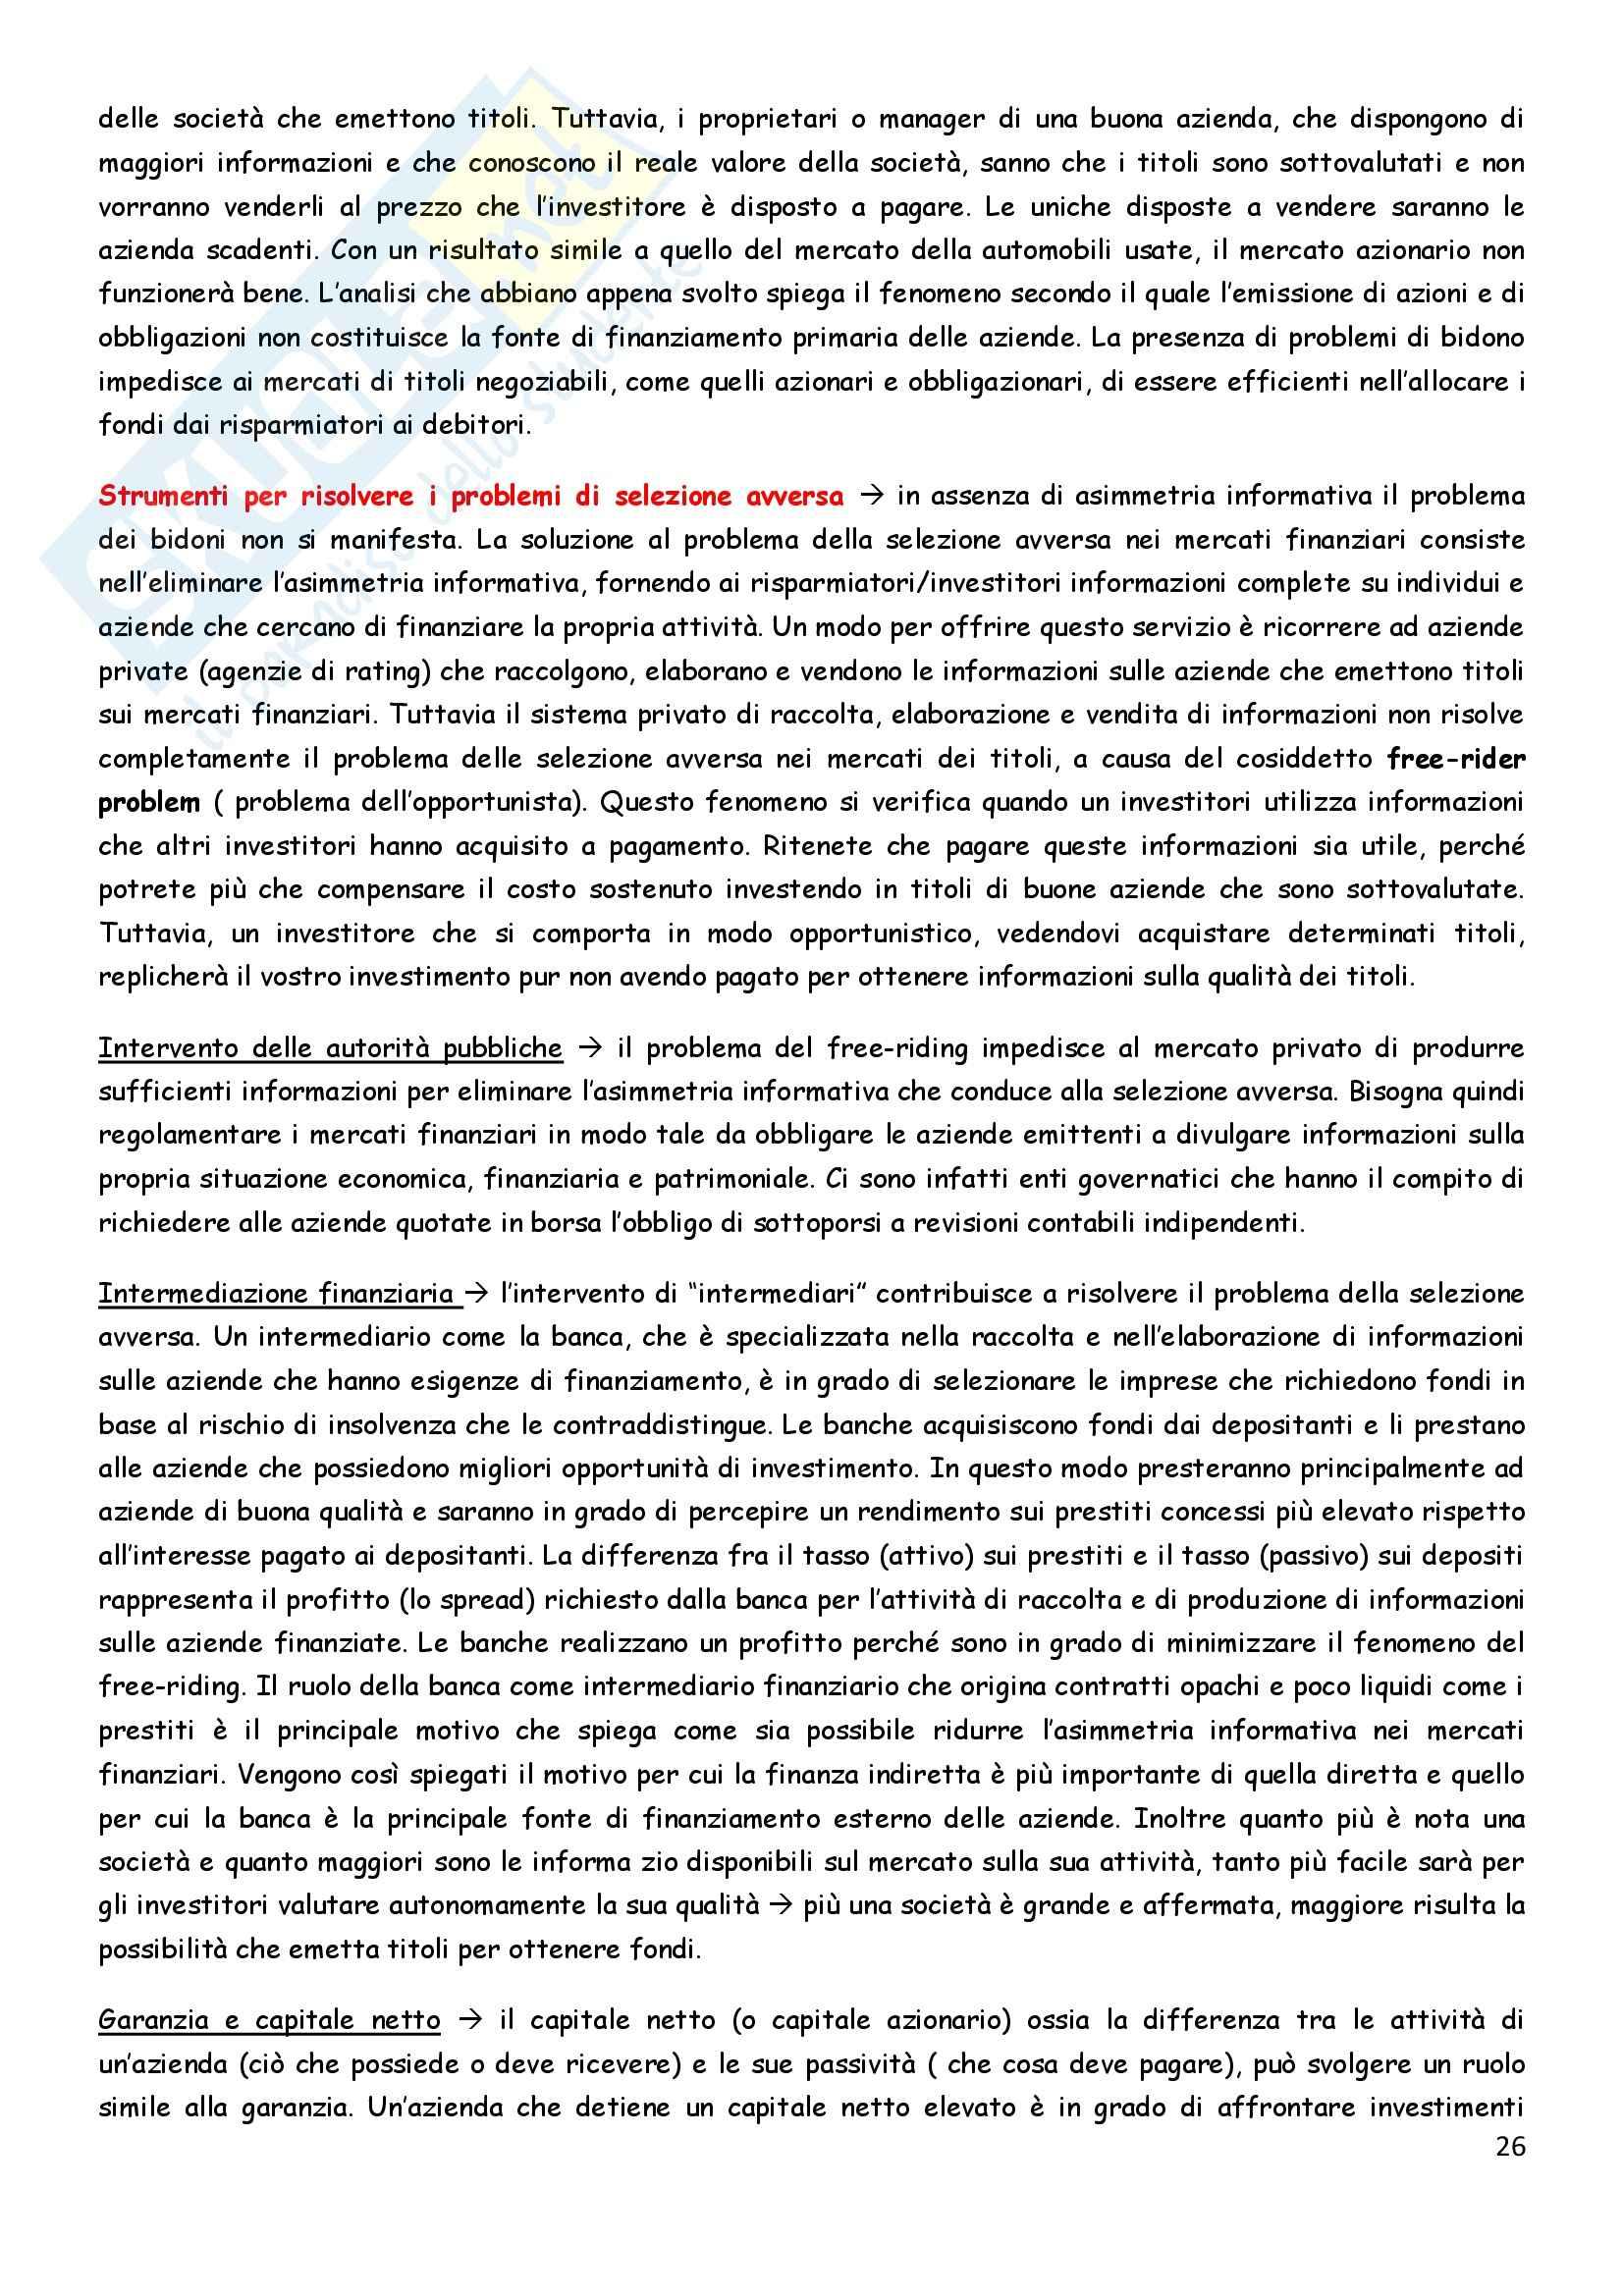 Riassunto esame Economia degli intermediari finanziari, prof. Pia, libro consigliato Istituzioni e Mercati finanziari, Mishkin, Eakins, Forestieri Pag. 26